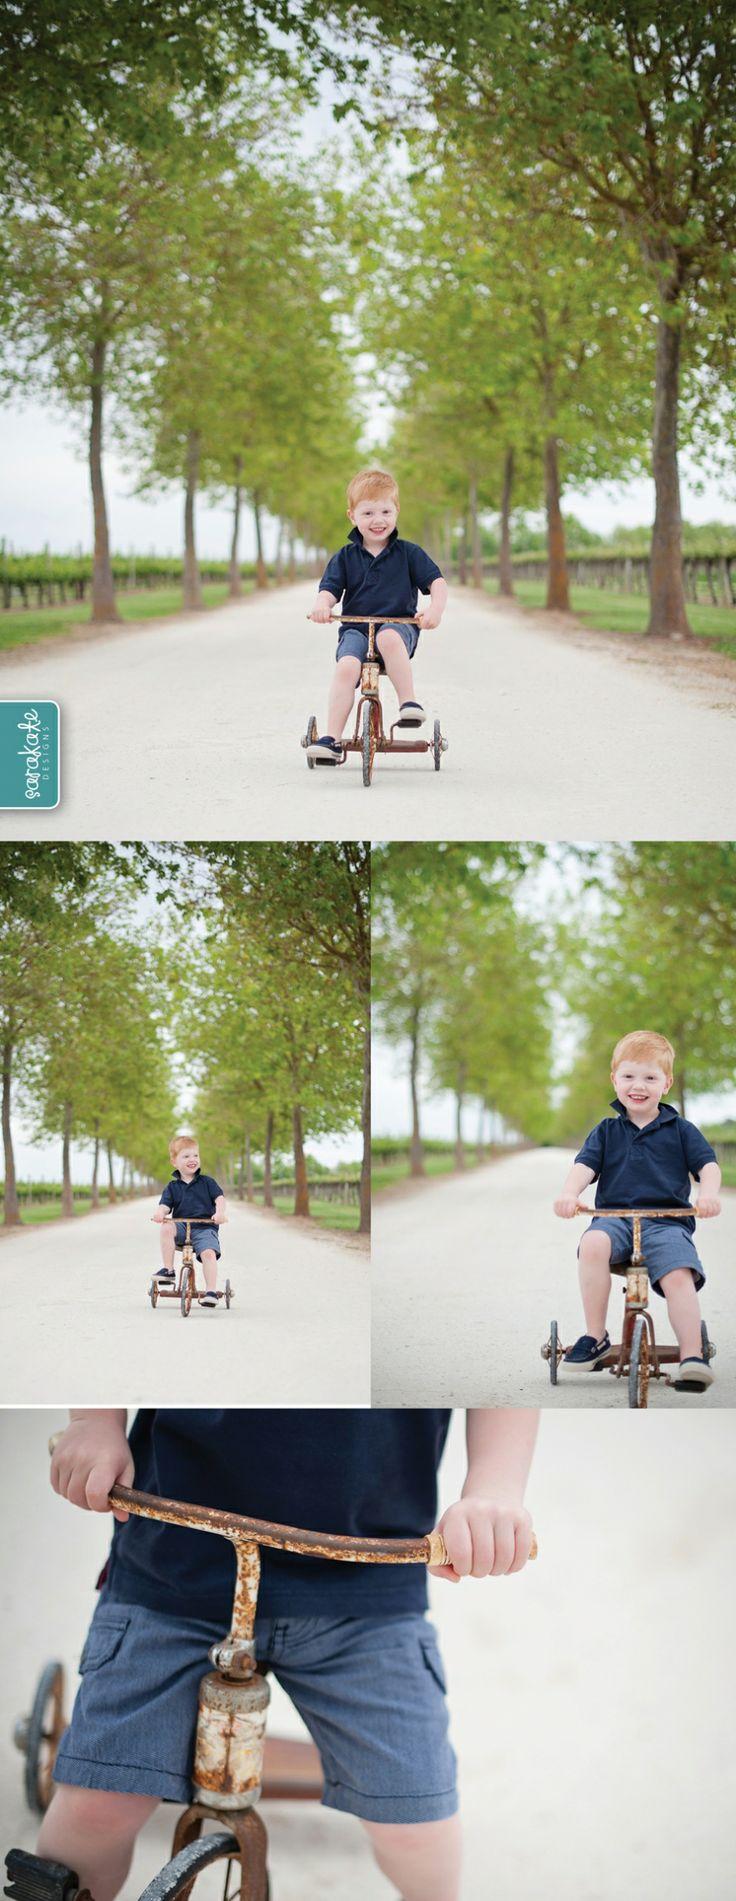 bike | www.sarakatedesigns.com.au